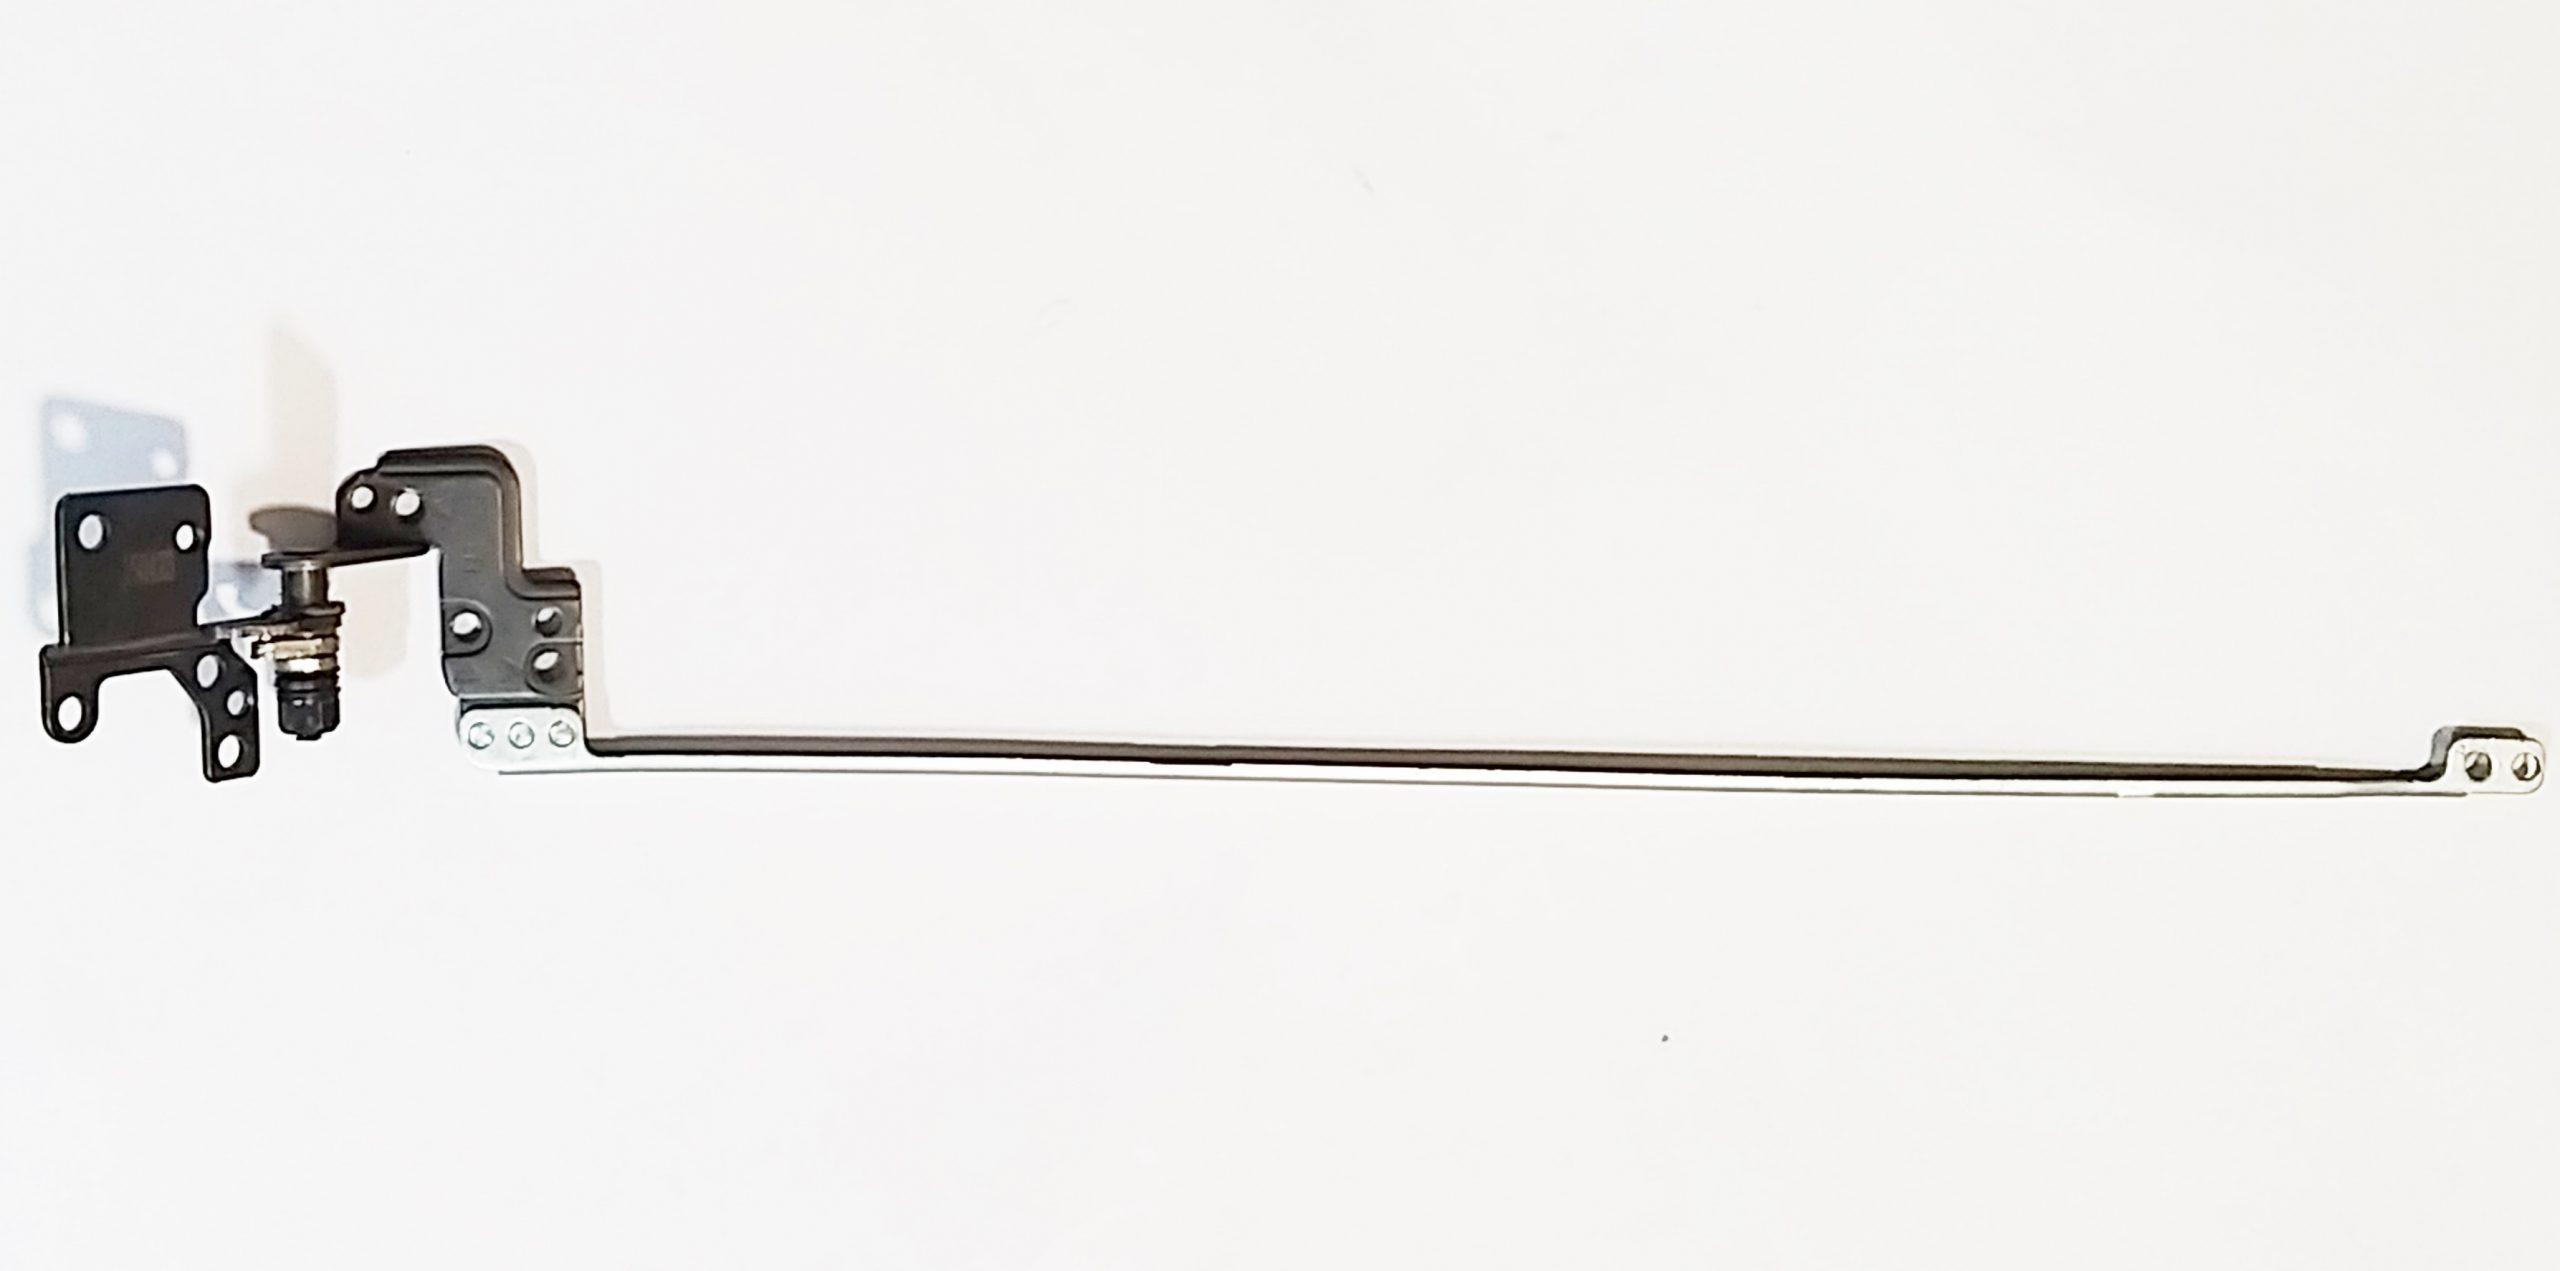 SOPORTE BISAGRA PANTALLA DERECHO RIGHT BRACKET ACER ASPIRE F5-573 F5-571